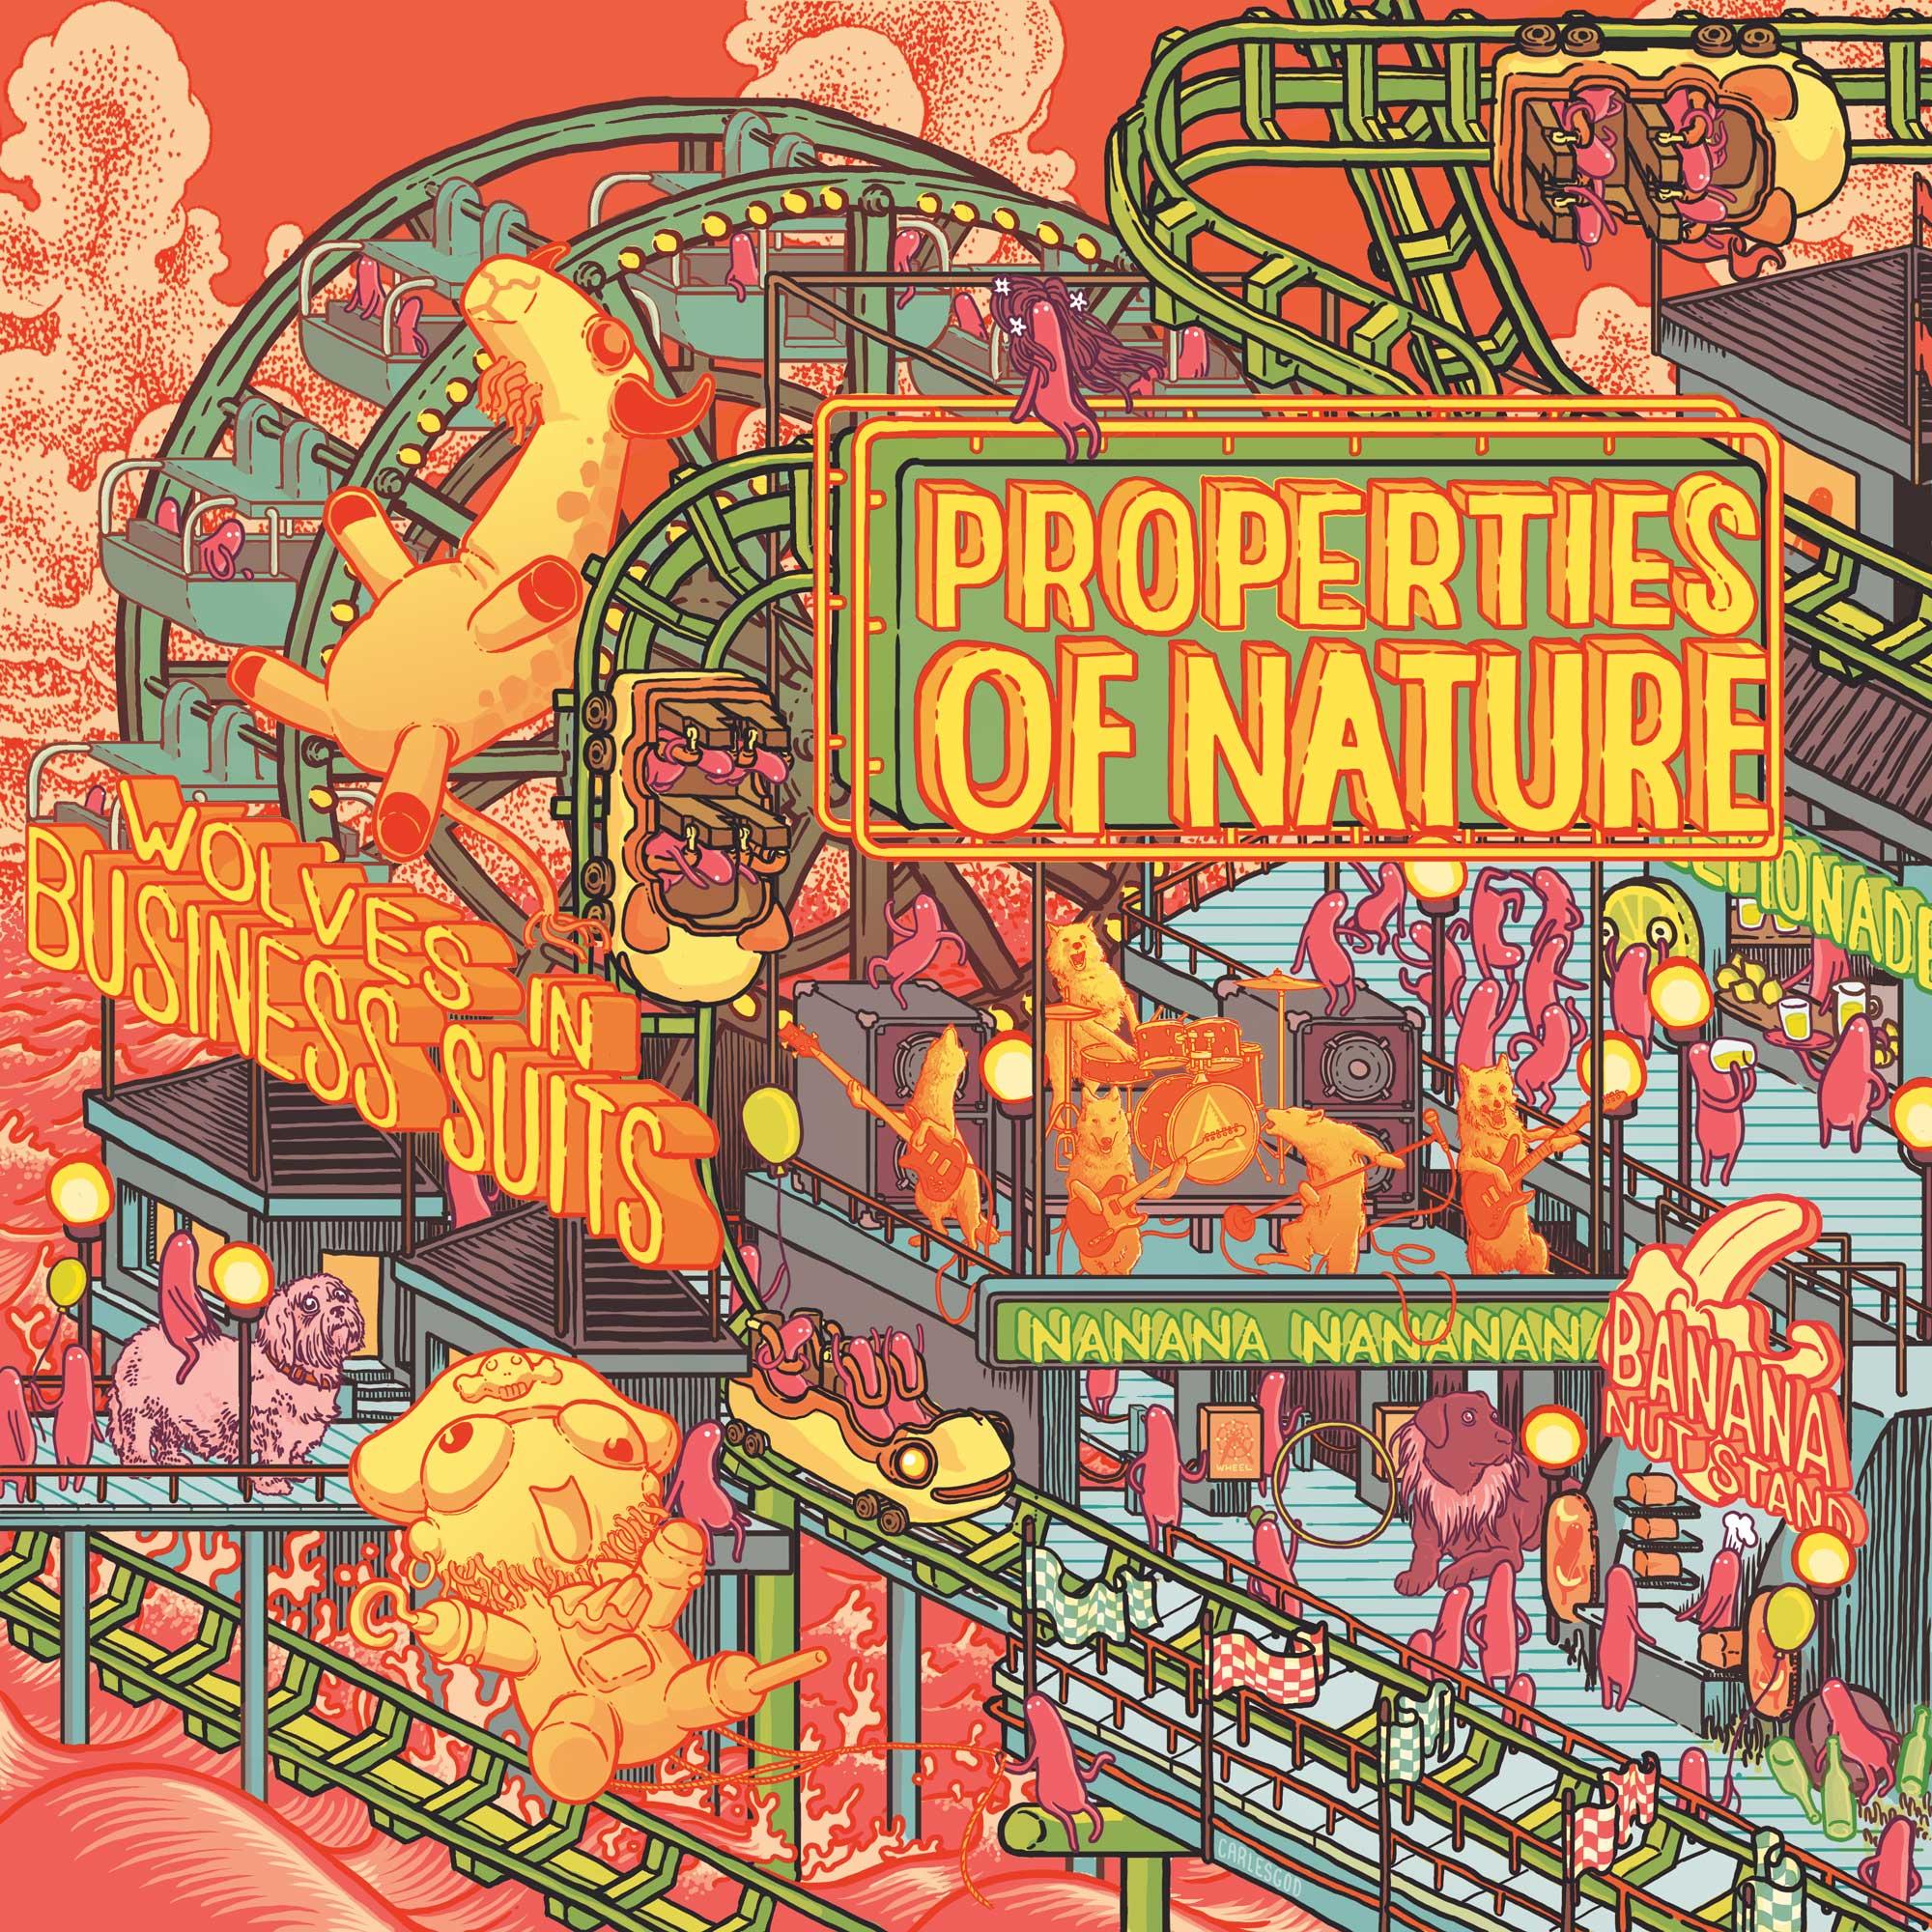 Properties-of-Nature-Albumn-Cover.jpg